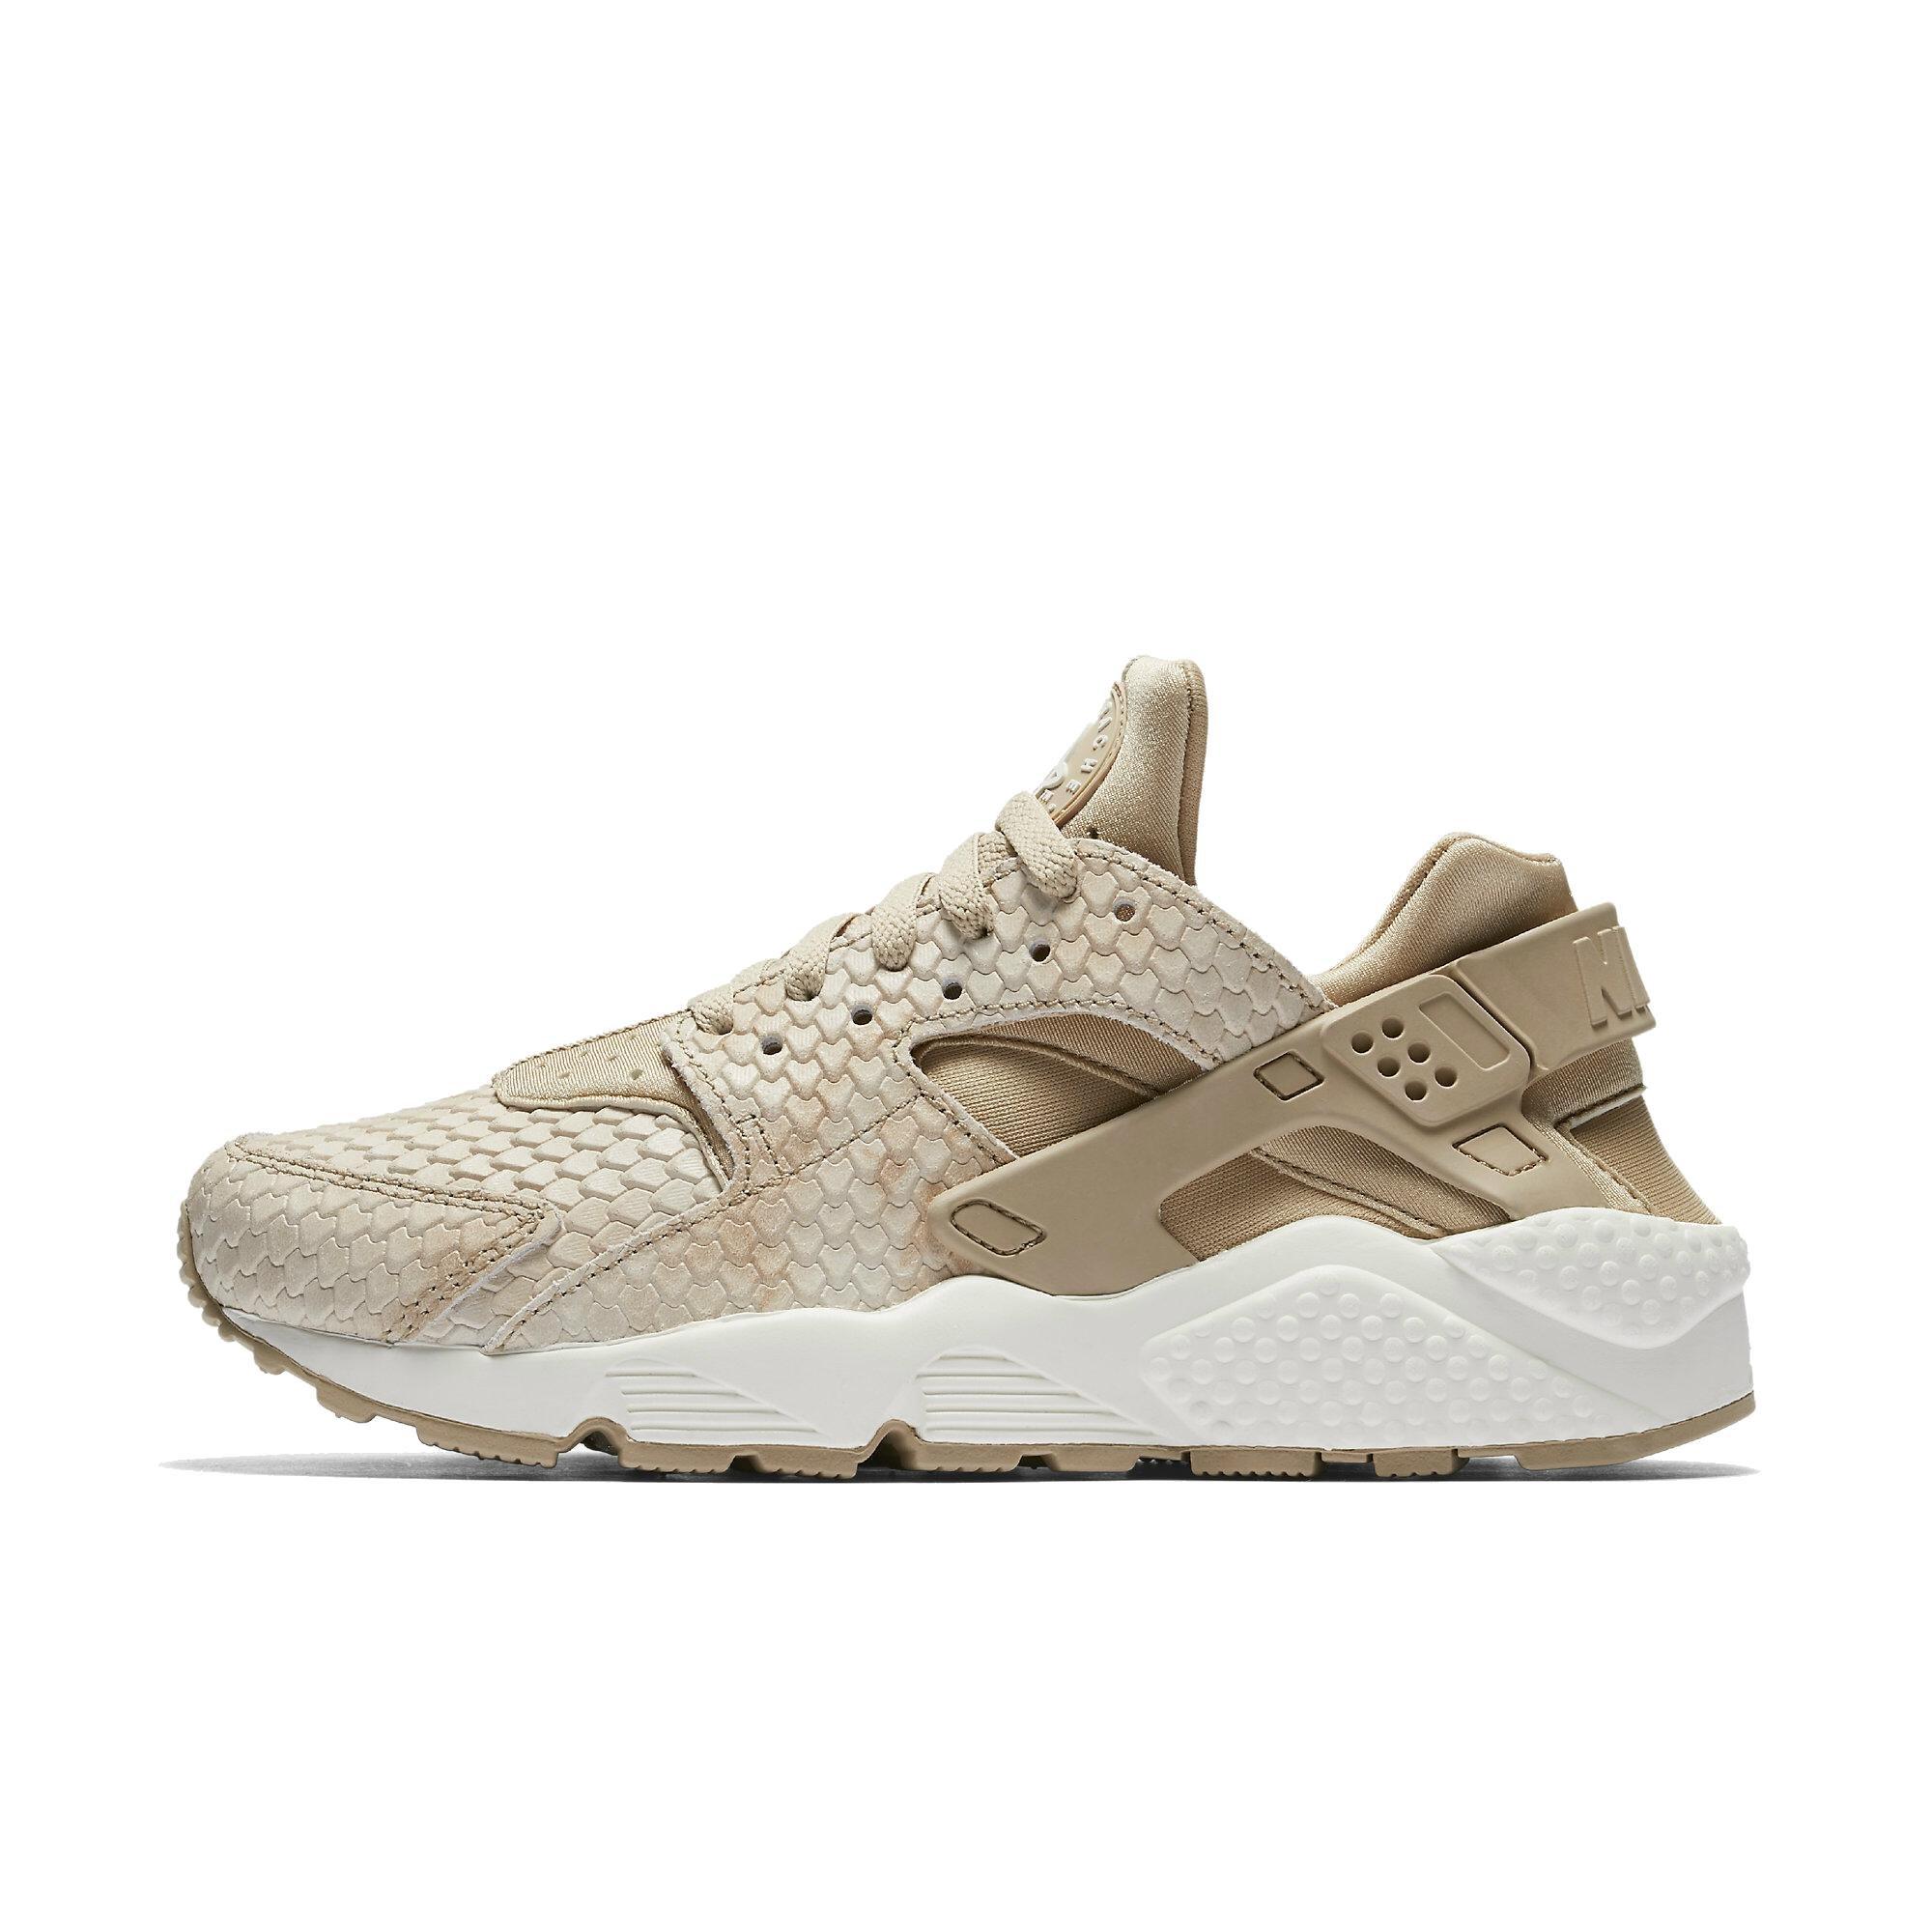 hot sales 4f575 1f6a2 Galleon - NIKE Womens Air Huarache Run Premium Fashion Sneakers (8.5)